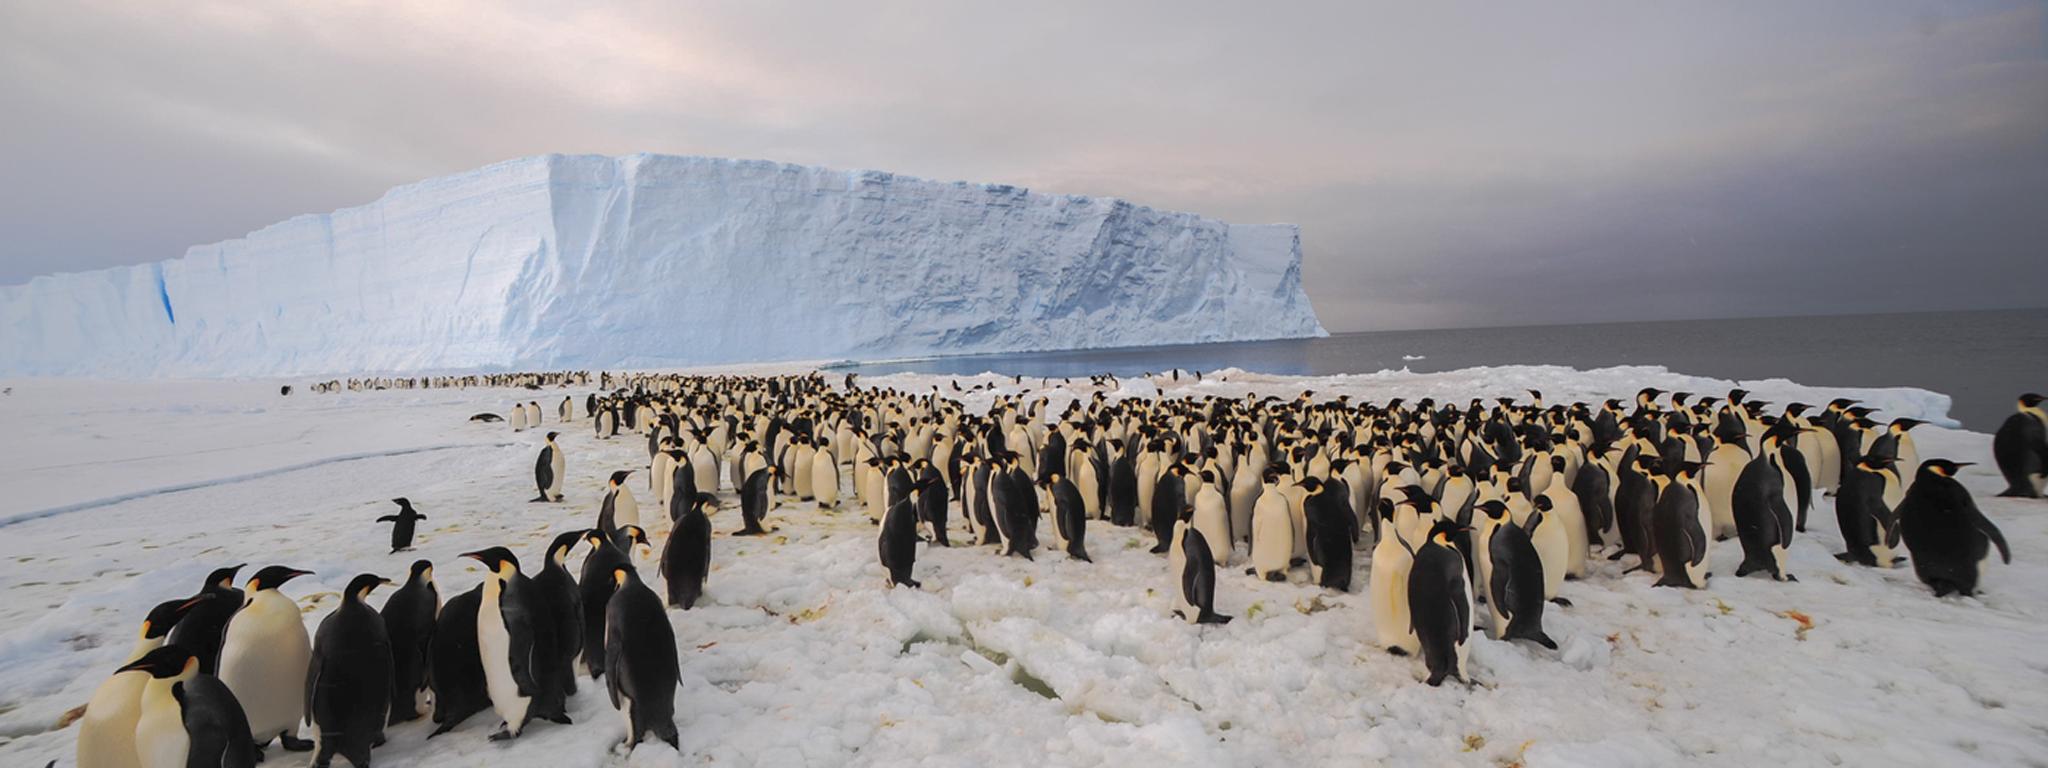 Cả một bầy chim cánh cụt trển biển băng